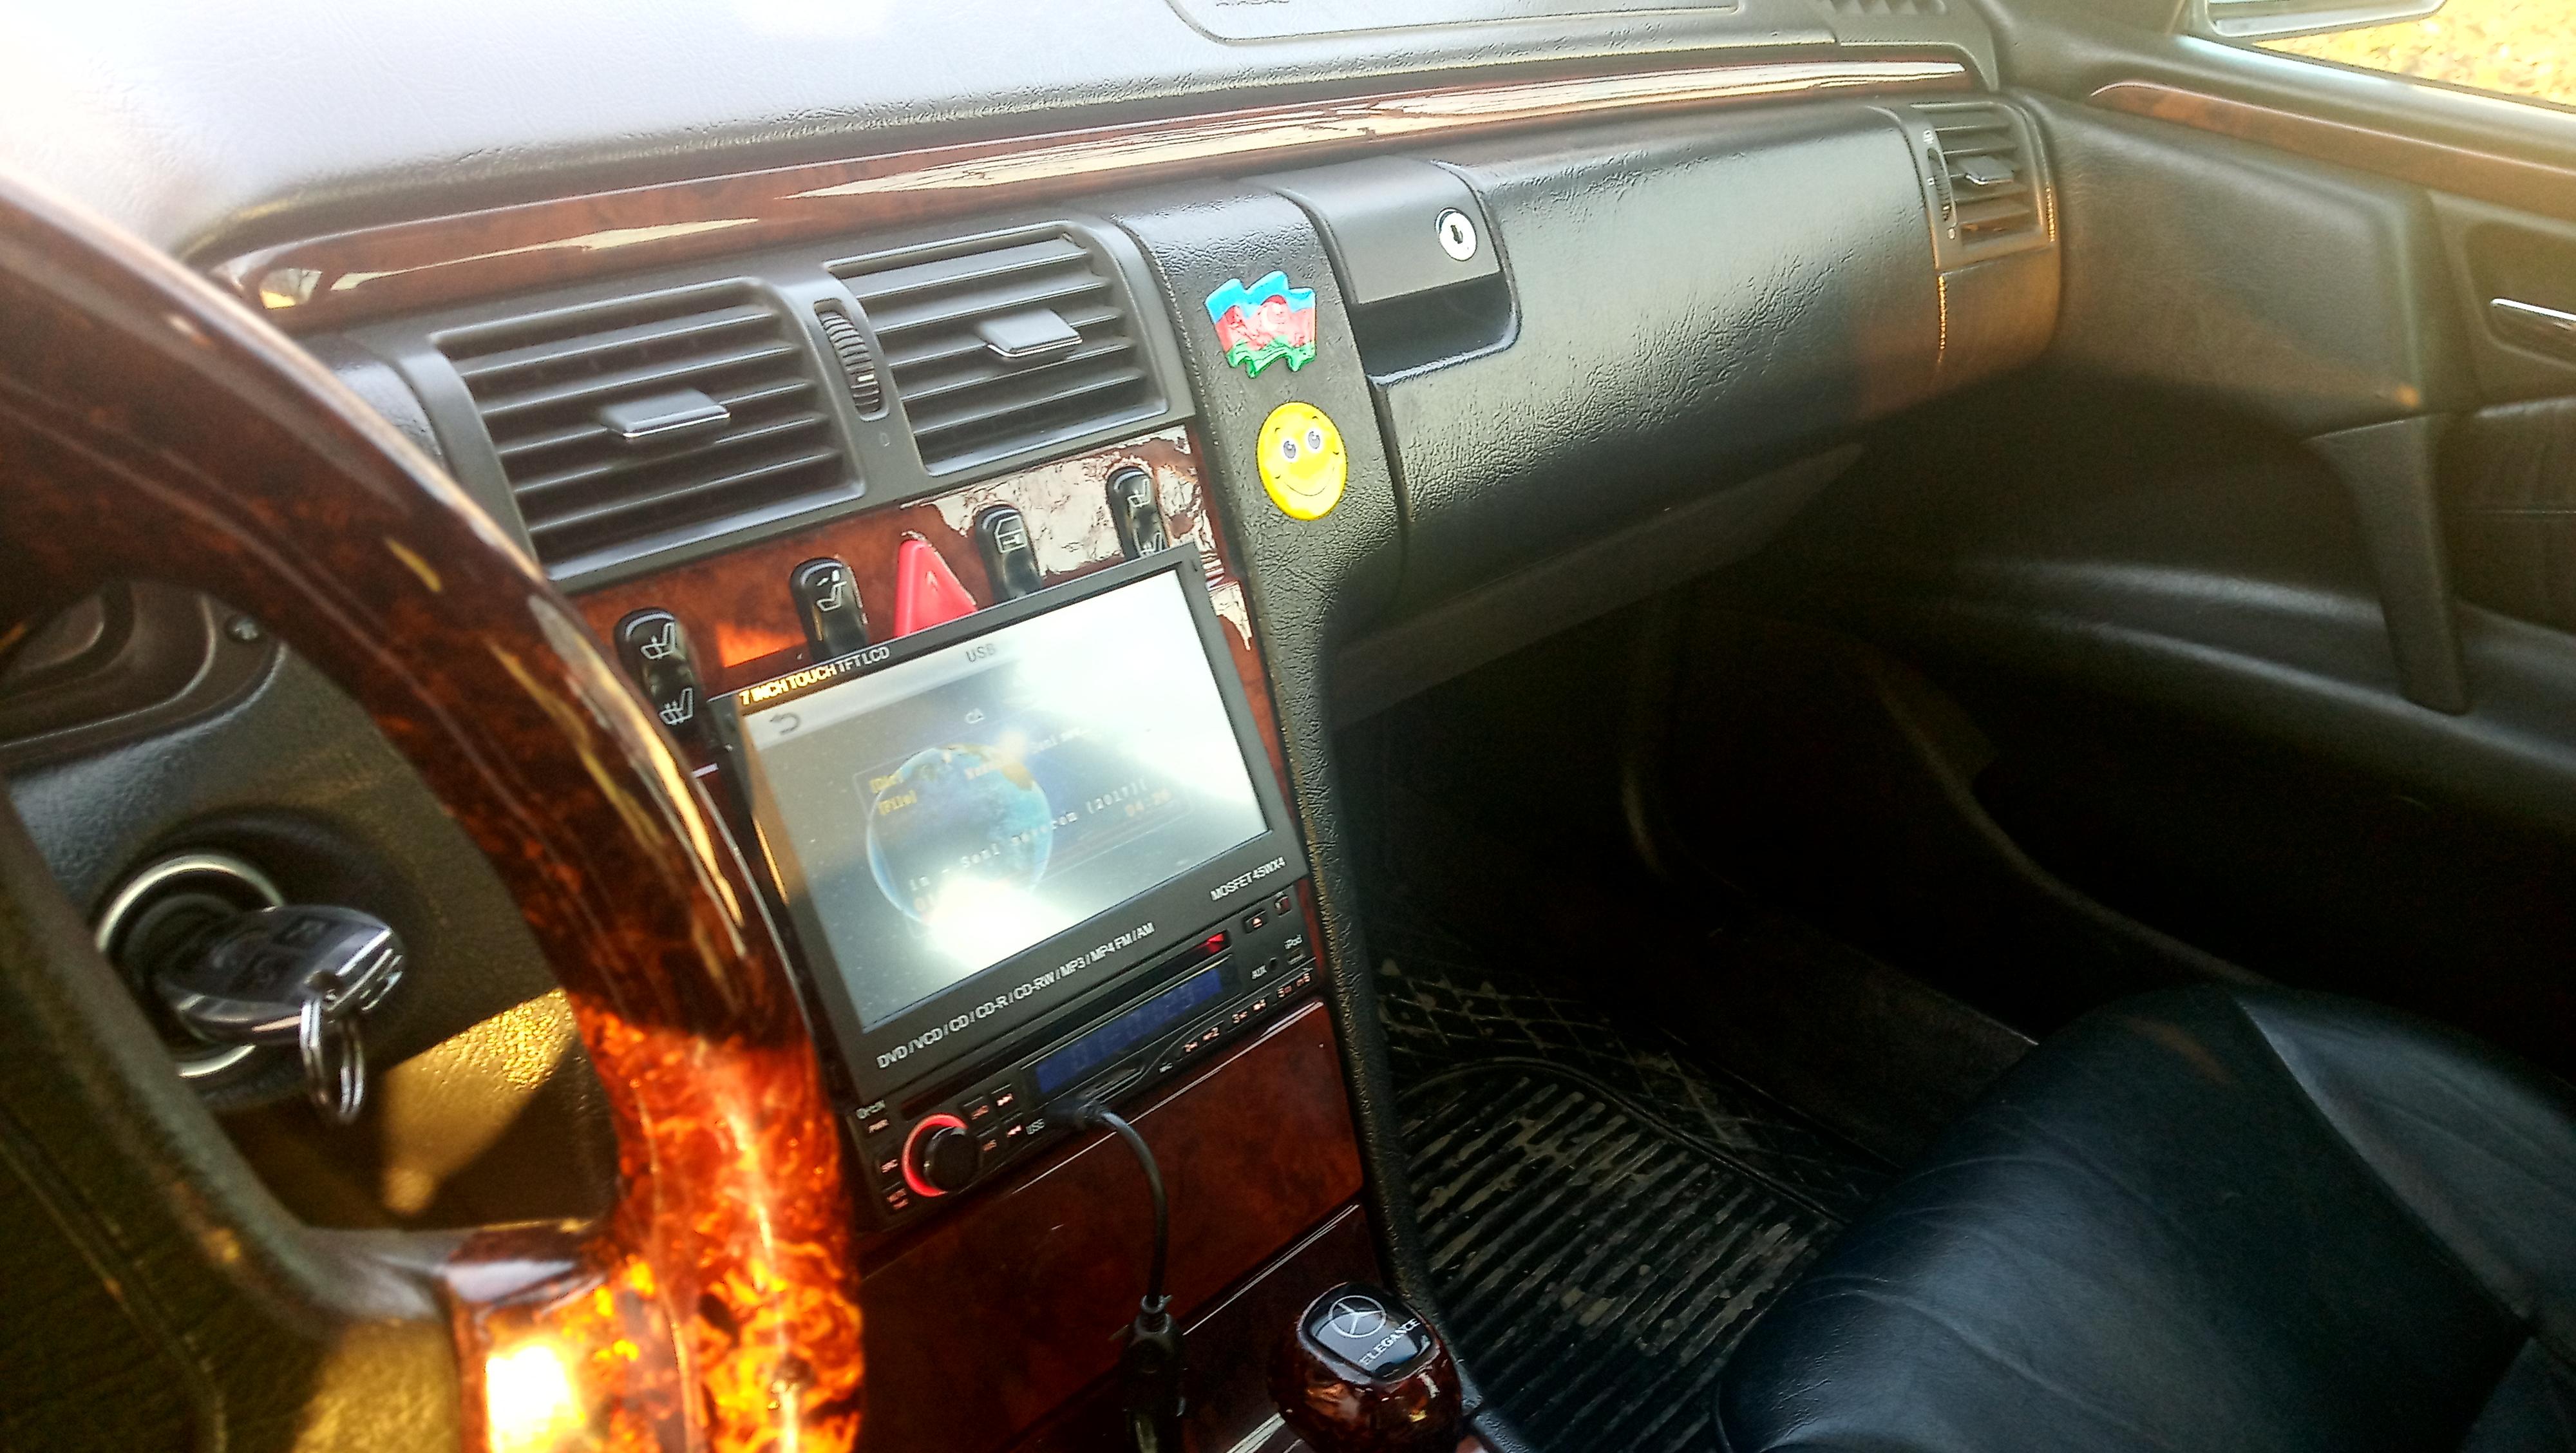 Mercedes-Benz E 280 2.8(lt) 1998 Second hand  $11800